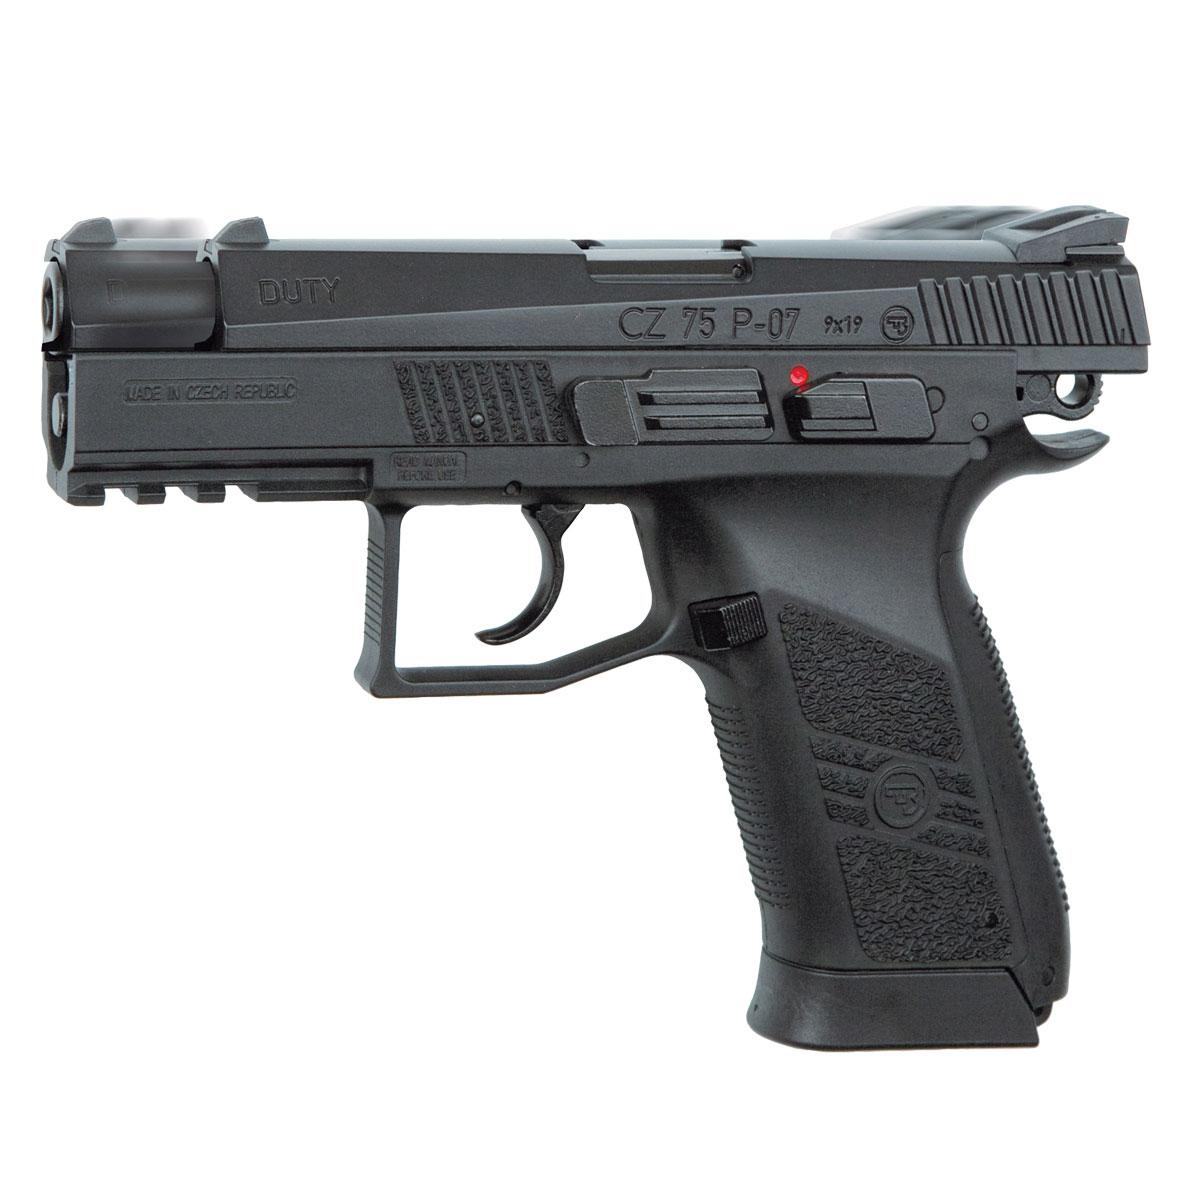 ASG CZ 75 P-07 Duty пистолет пневматический, Blowback, CO2, 4,5 мм, цвет: Black (16728) пистолет asg m9 13466